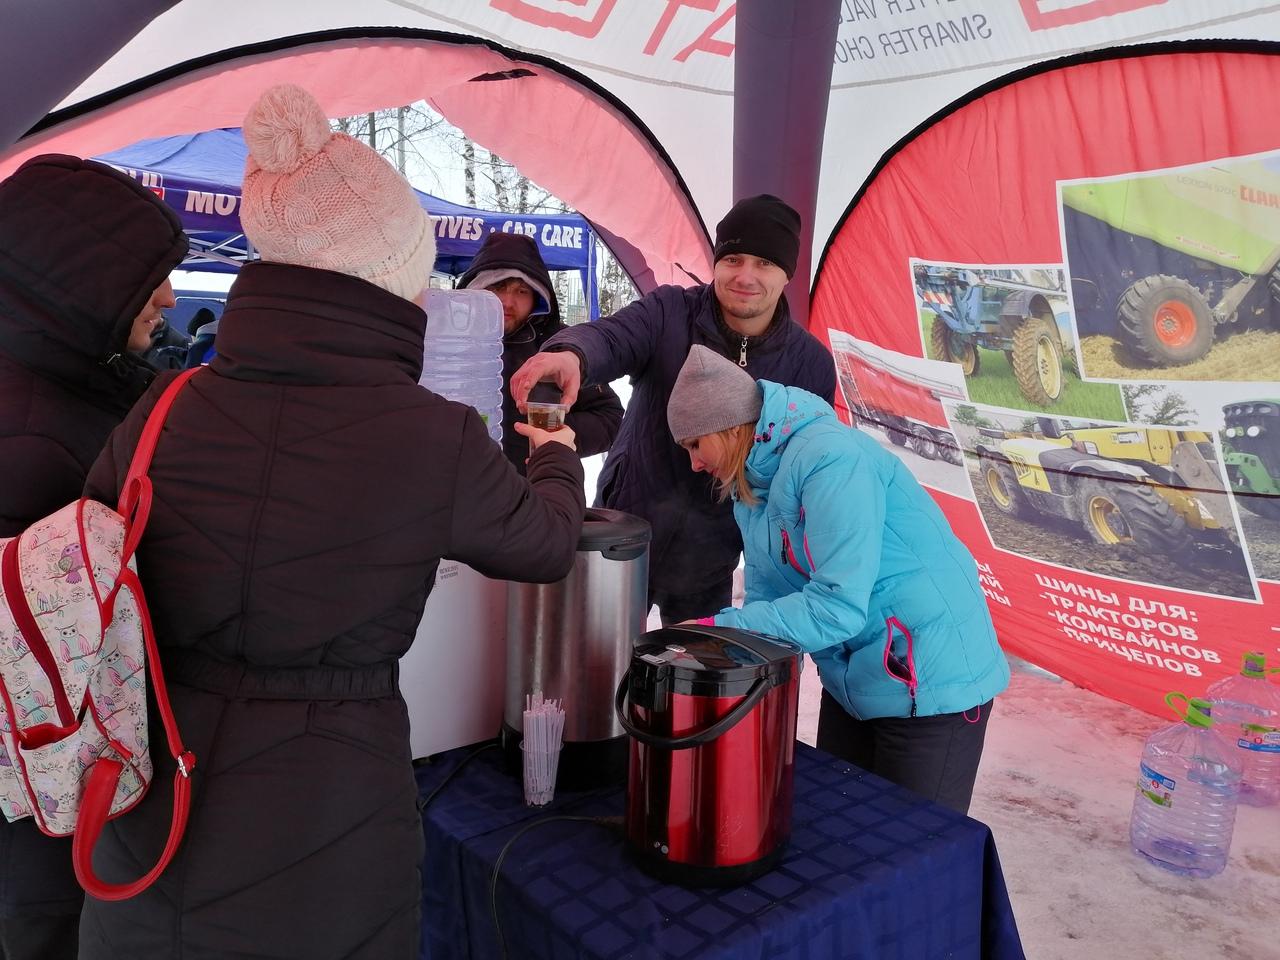 На правах спонсора коллектив Шинного центра МВБ согревал всех желающих горячим чаем.